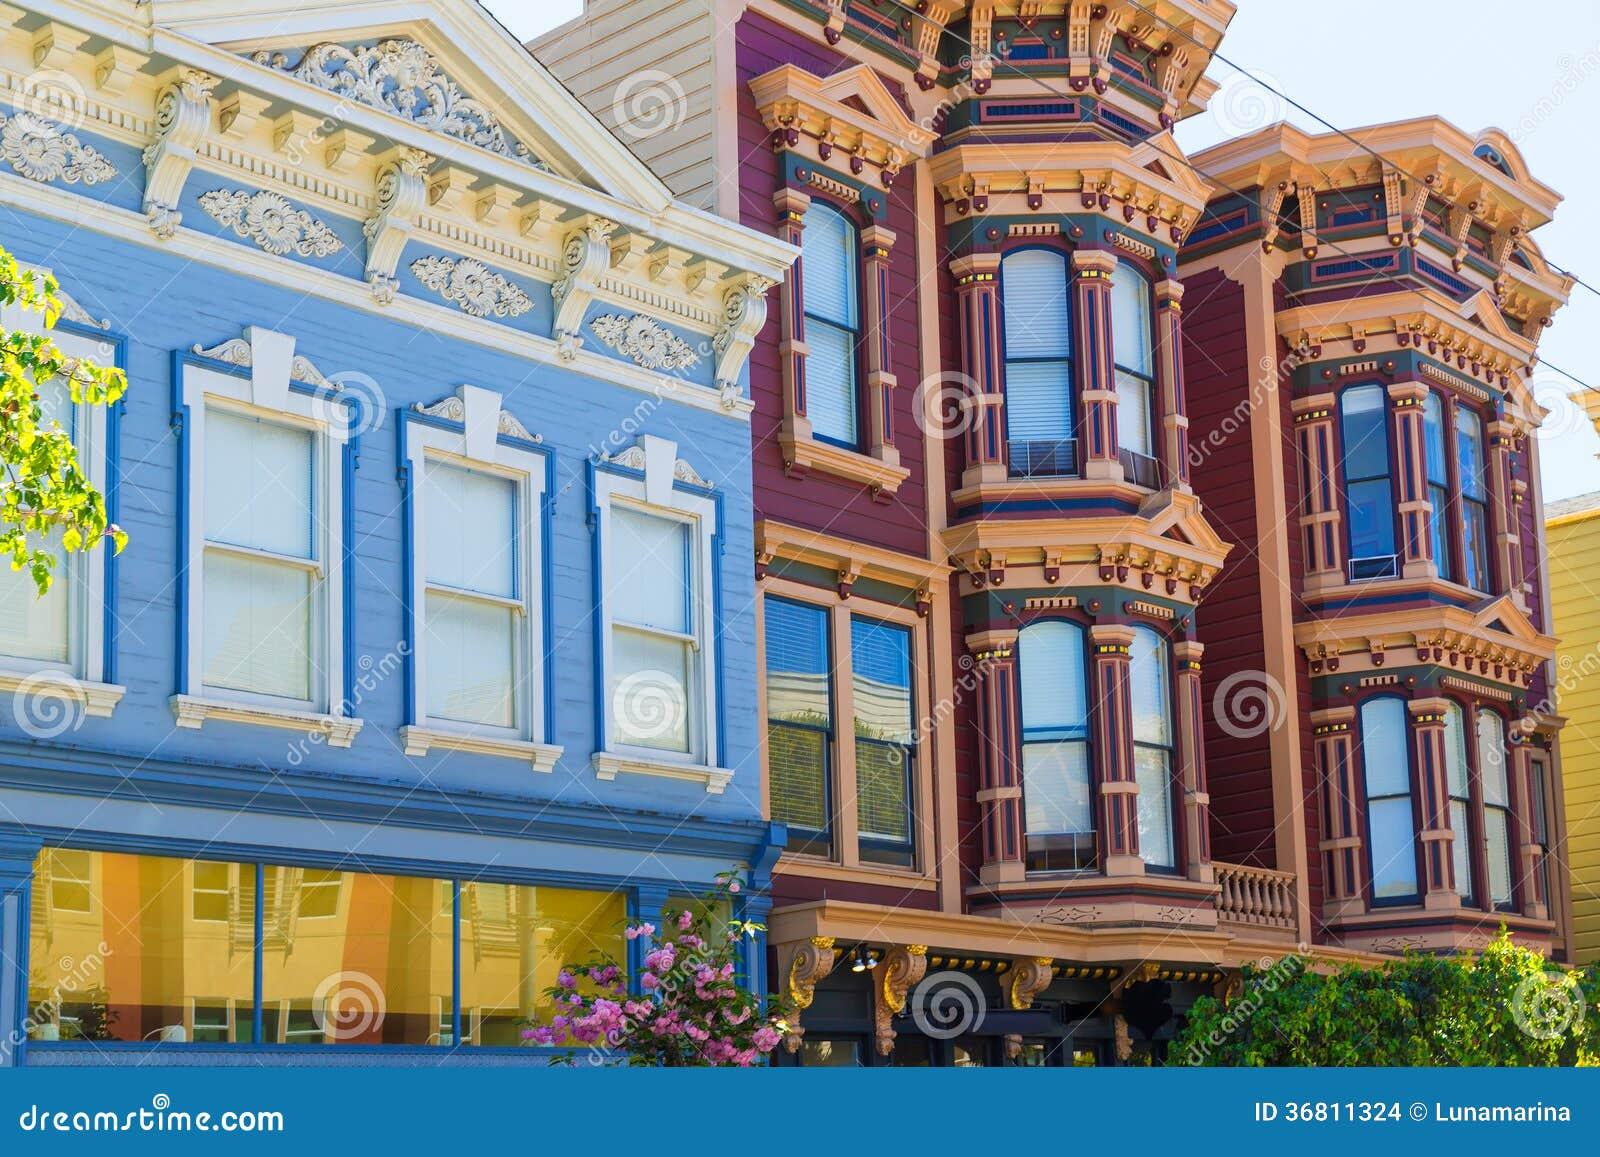 Βικτοριανά σπίτια του Σαν Φρανσίσκο στα ειρηνικά ύψη Καλιφόρνια